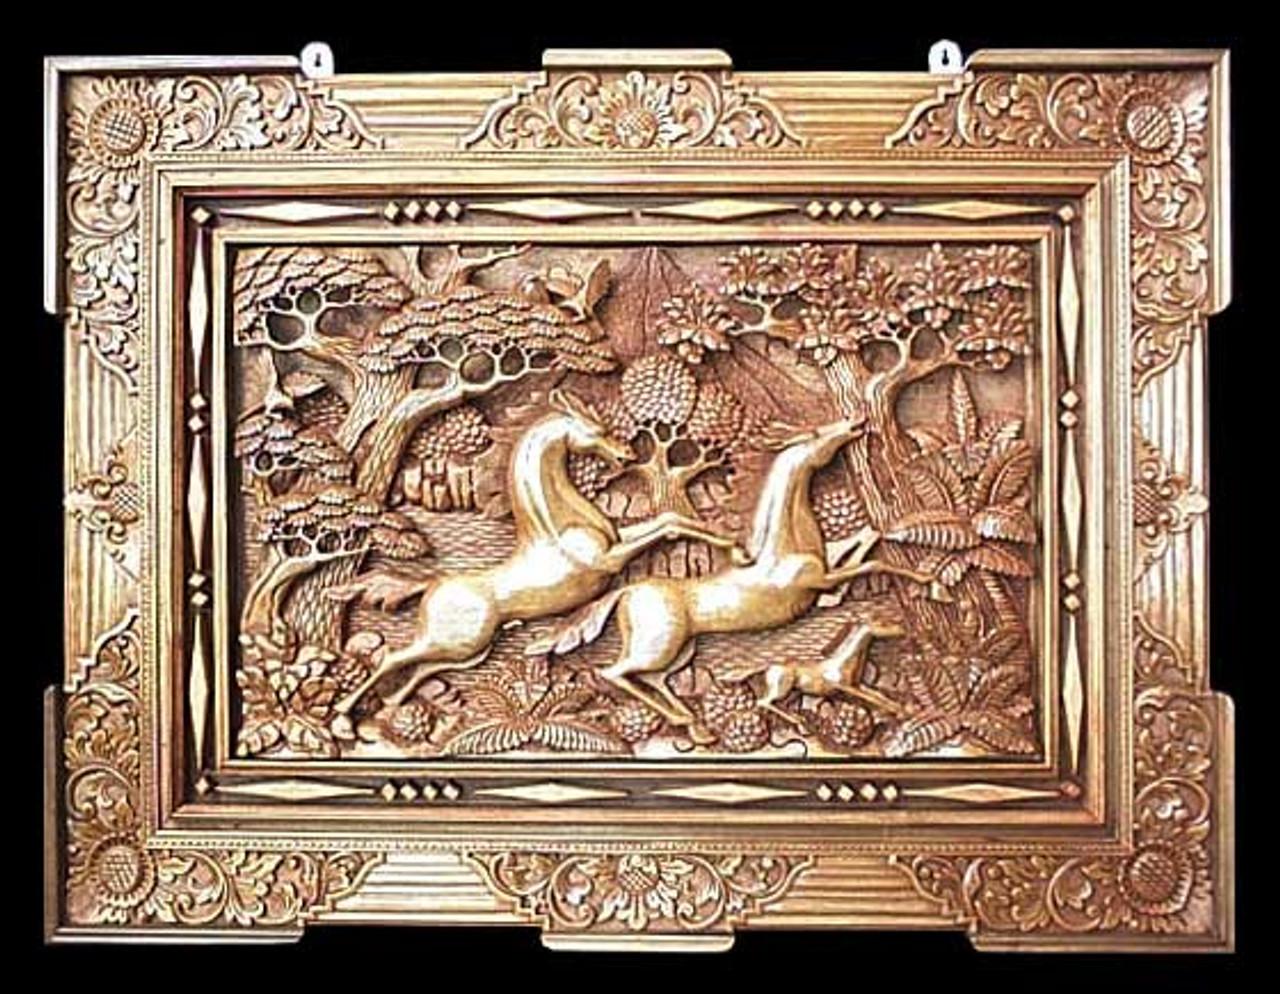 Hand Made Wood Relief Panel Racing Horses Road Scholar World Bazaar